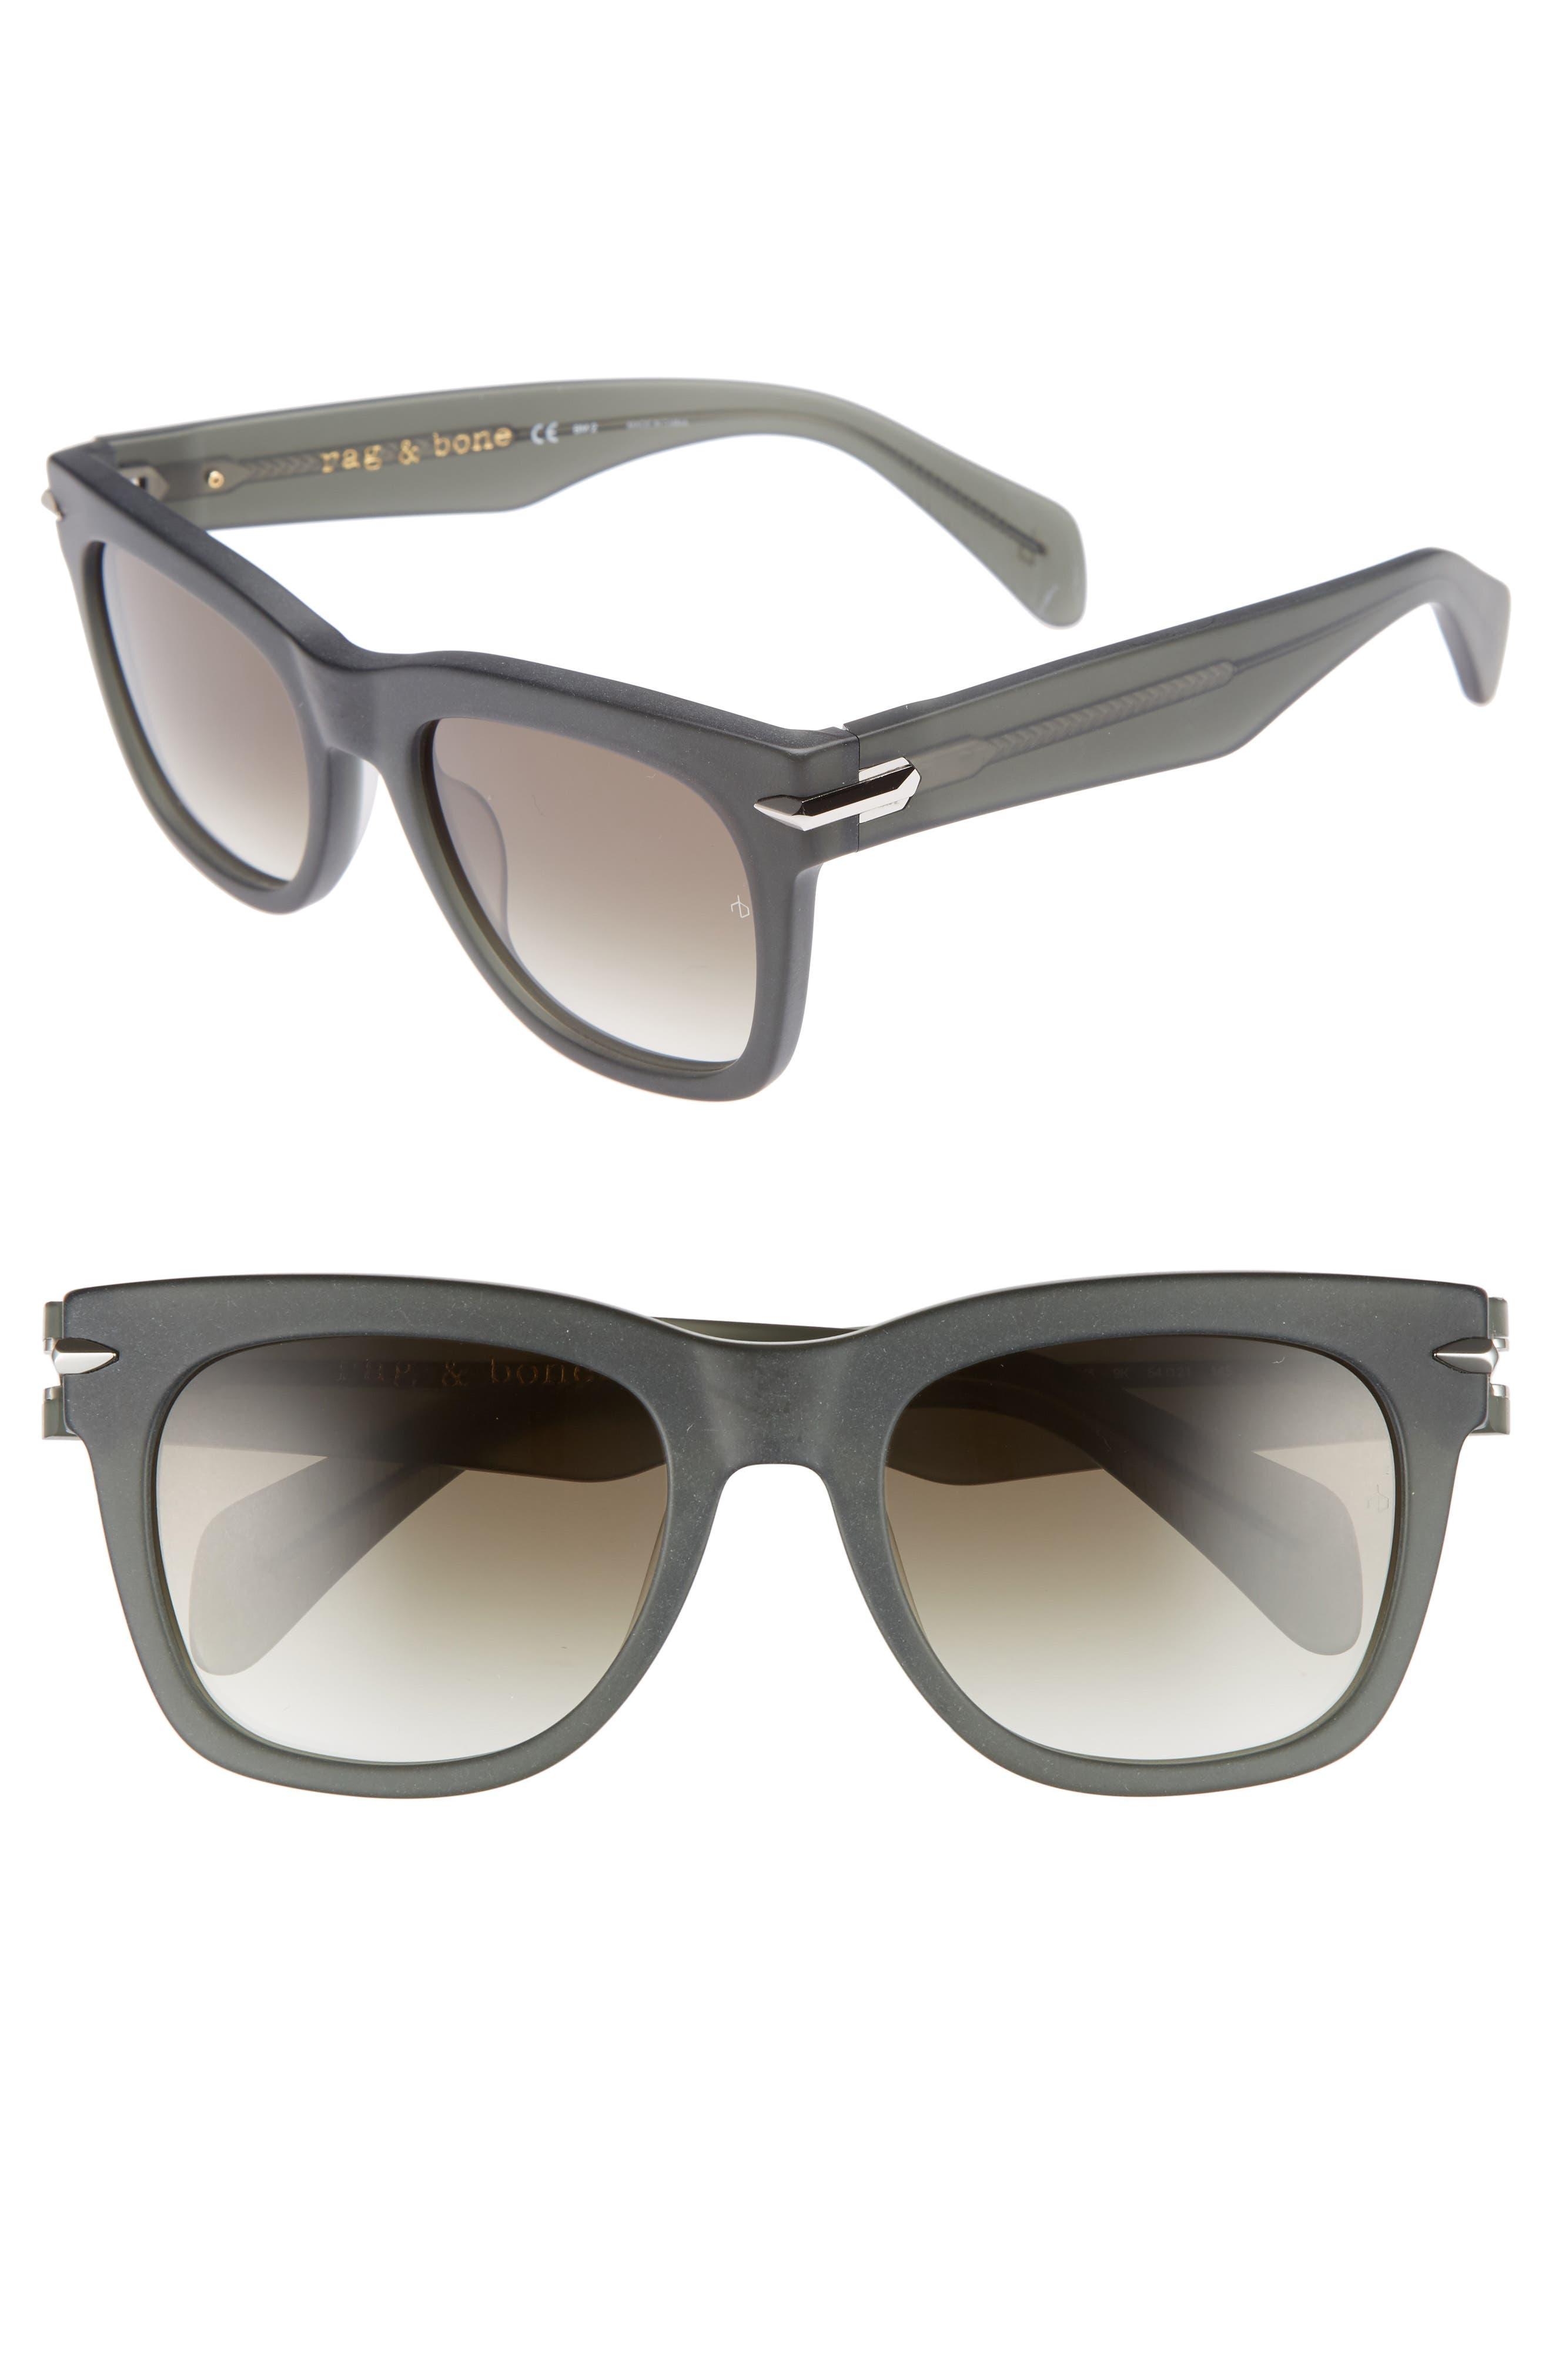 54mm Polarized Sunglasses,                             Main thumbnail 1, color,                             KHAKI